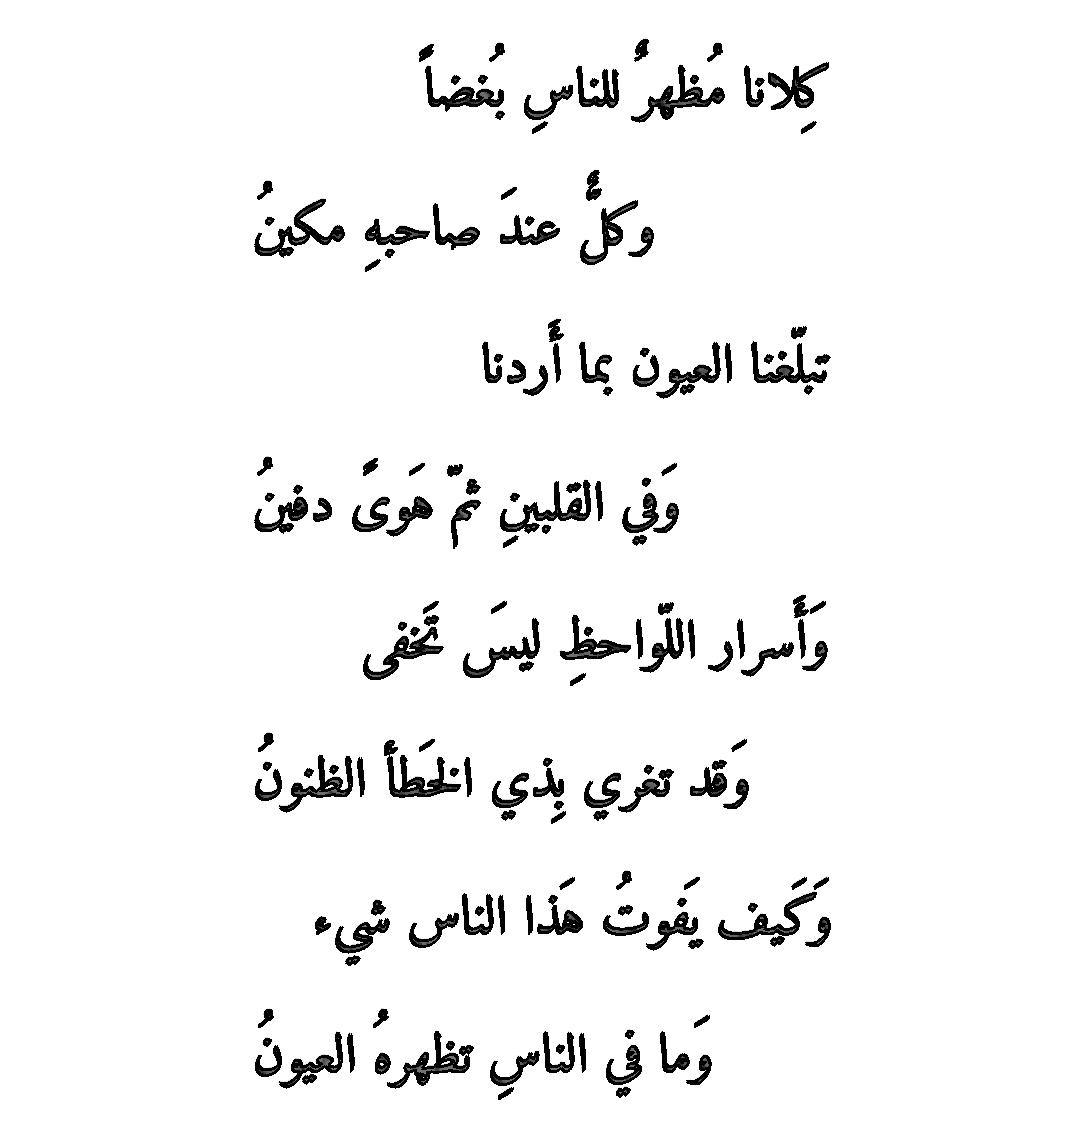 بالصور شعر لیلی و مجنون , اشعار عربيه قديمه 2256 1